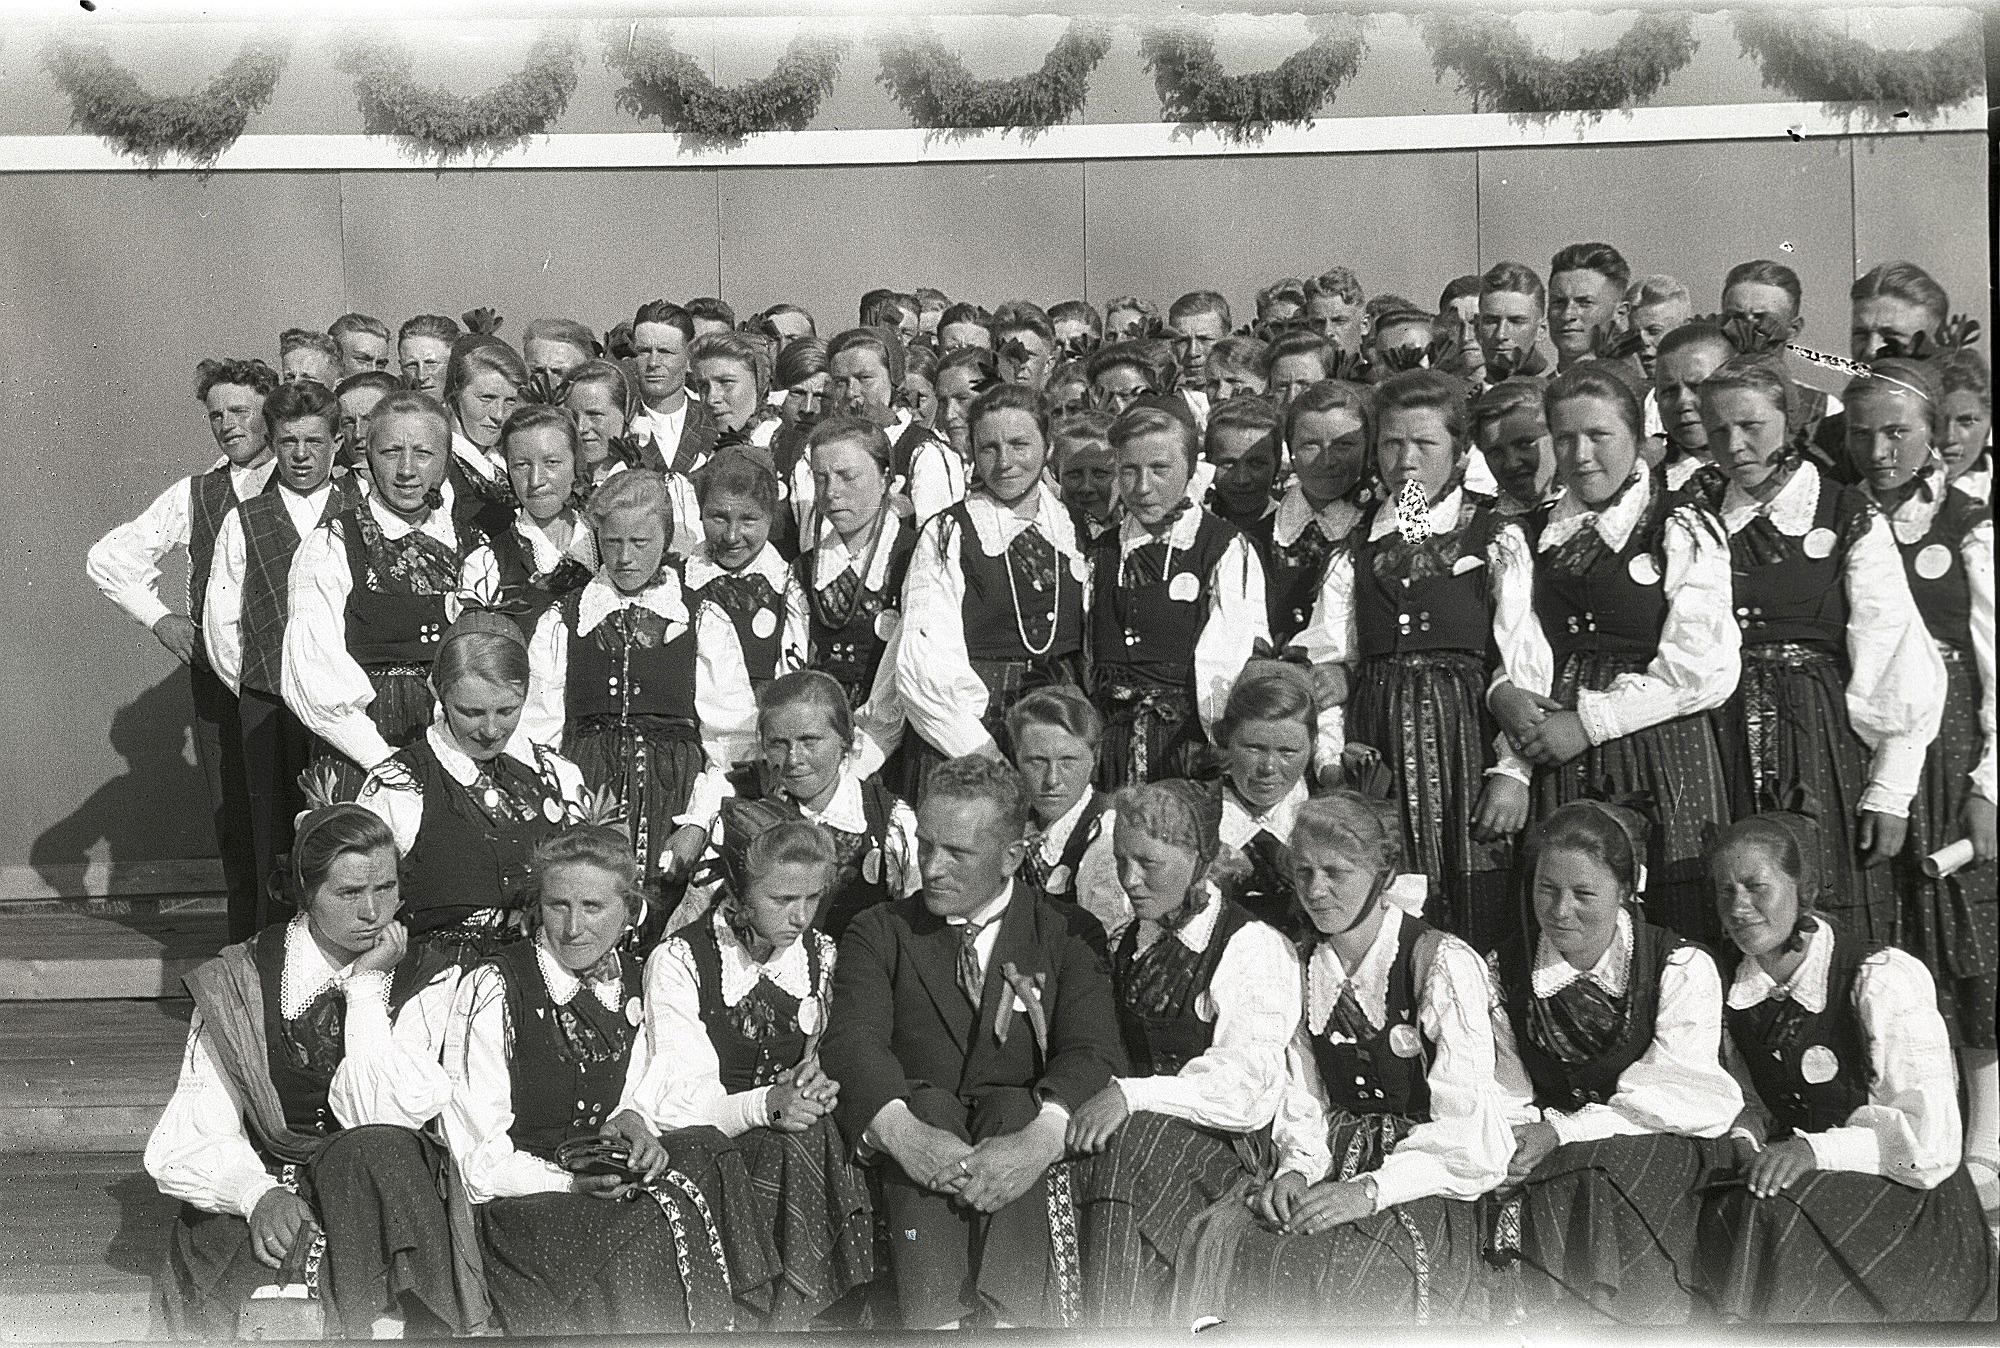 Körsång har alltid varit viktig i Lappfjärd och det syns bra på detta foto från den stora sångfesten 1930, där det kan svårt att räkna hur många som har samlats runt körledaren Selim Knus.